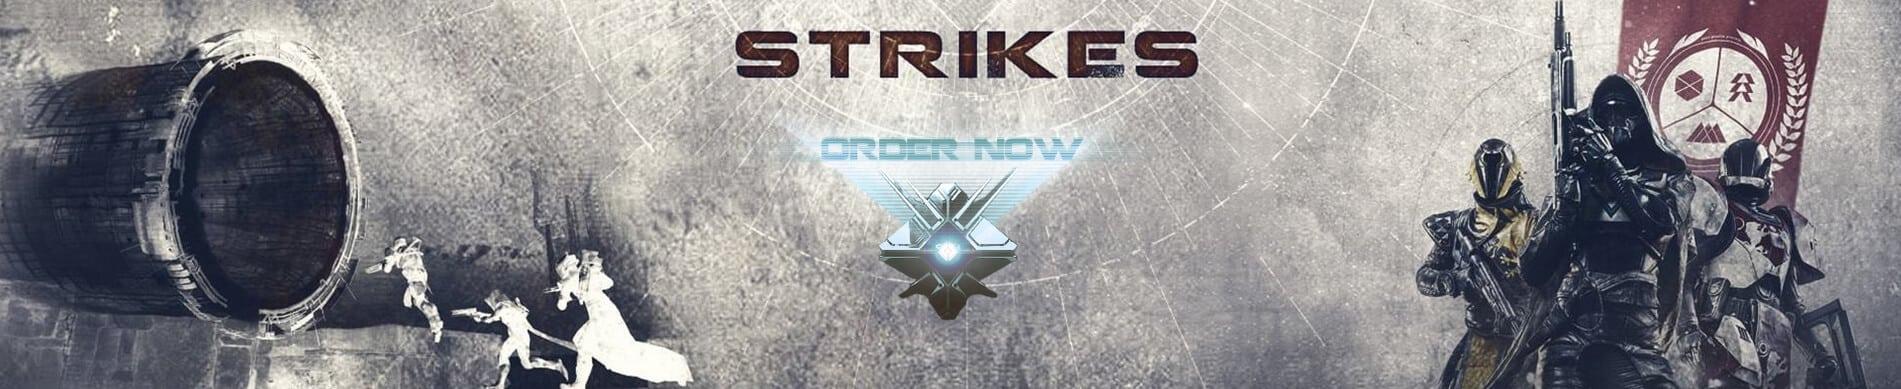 order nightfall strike boost here